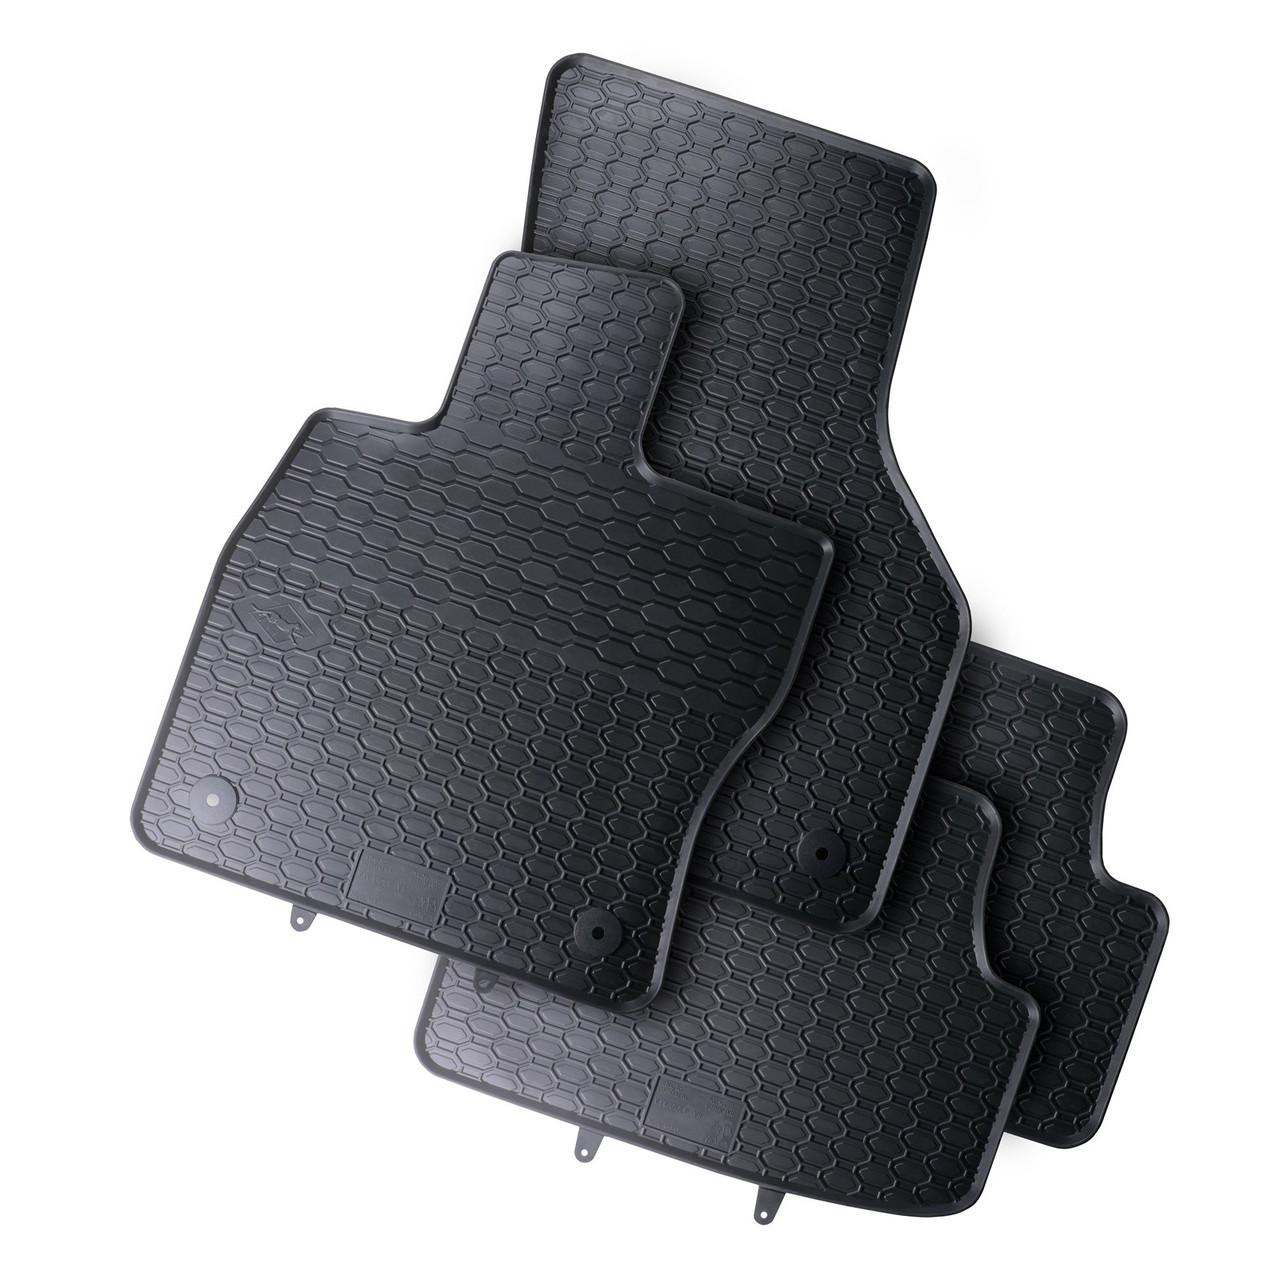 К/с Audi A3 коврики салона в салон на AUDI Ауди A3 (12-) / OCTAVIA III (13-) / PASSAT B8 (14-) / SUPERB III (15-) (4шт.)